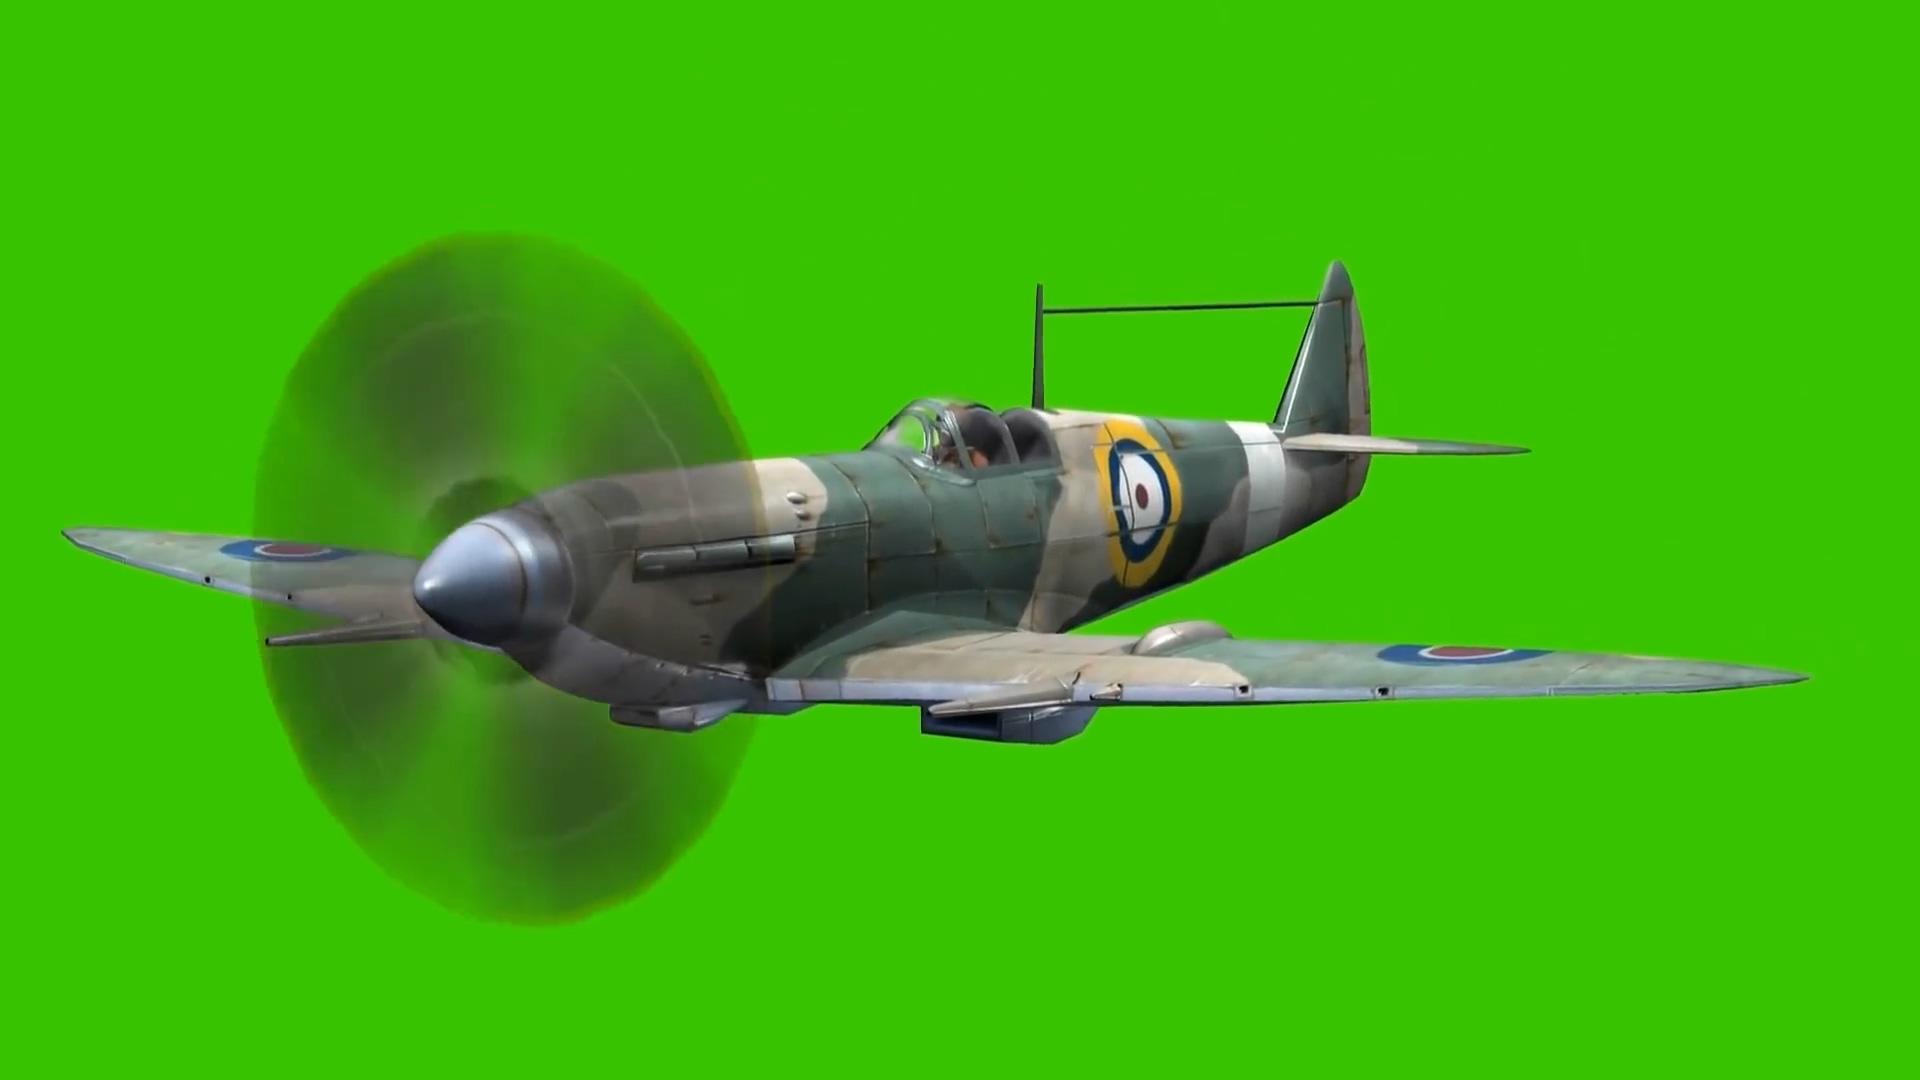 绿屏抠像老式二战战斗飞机